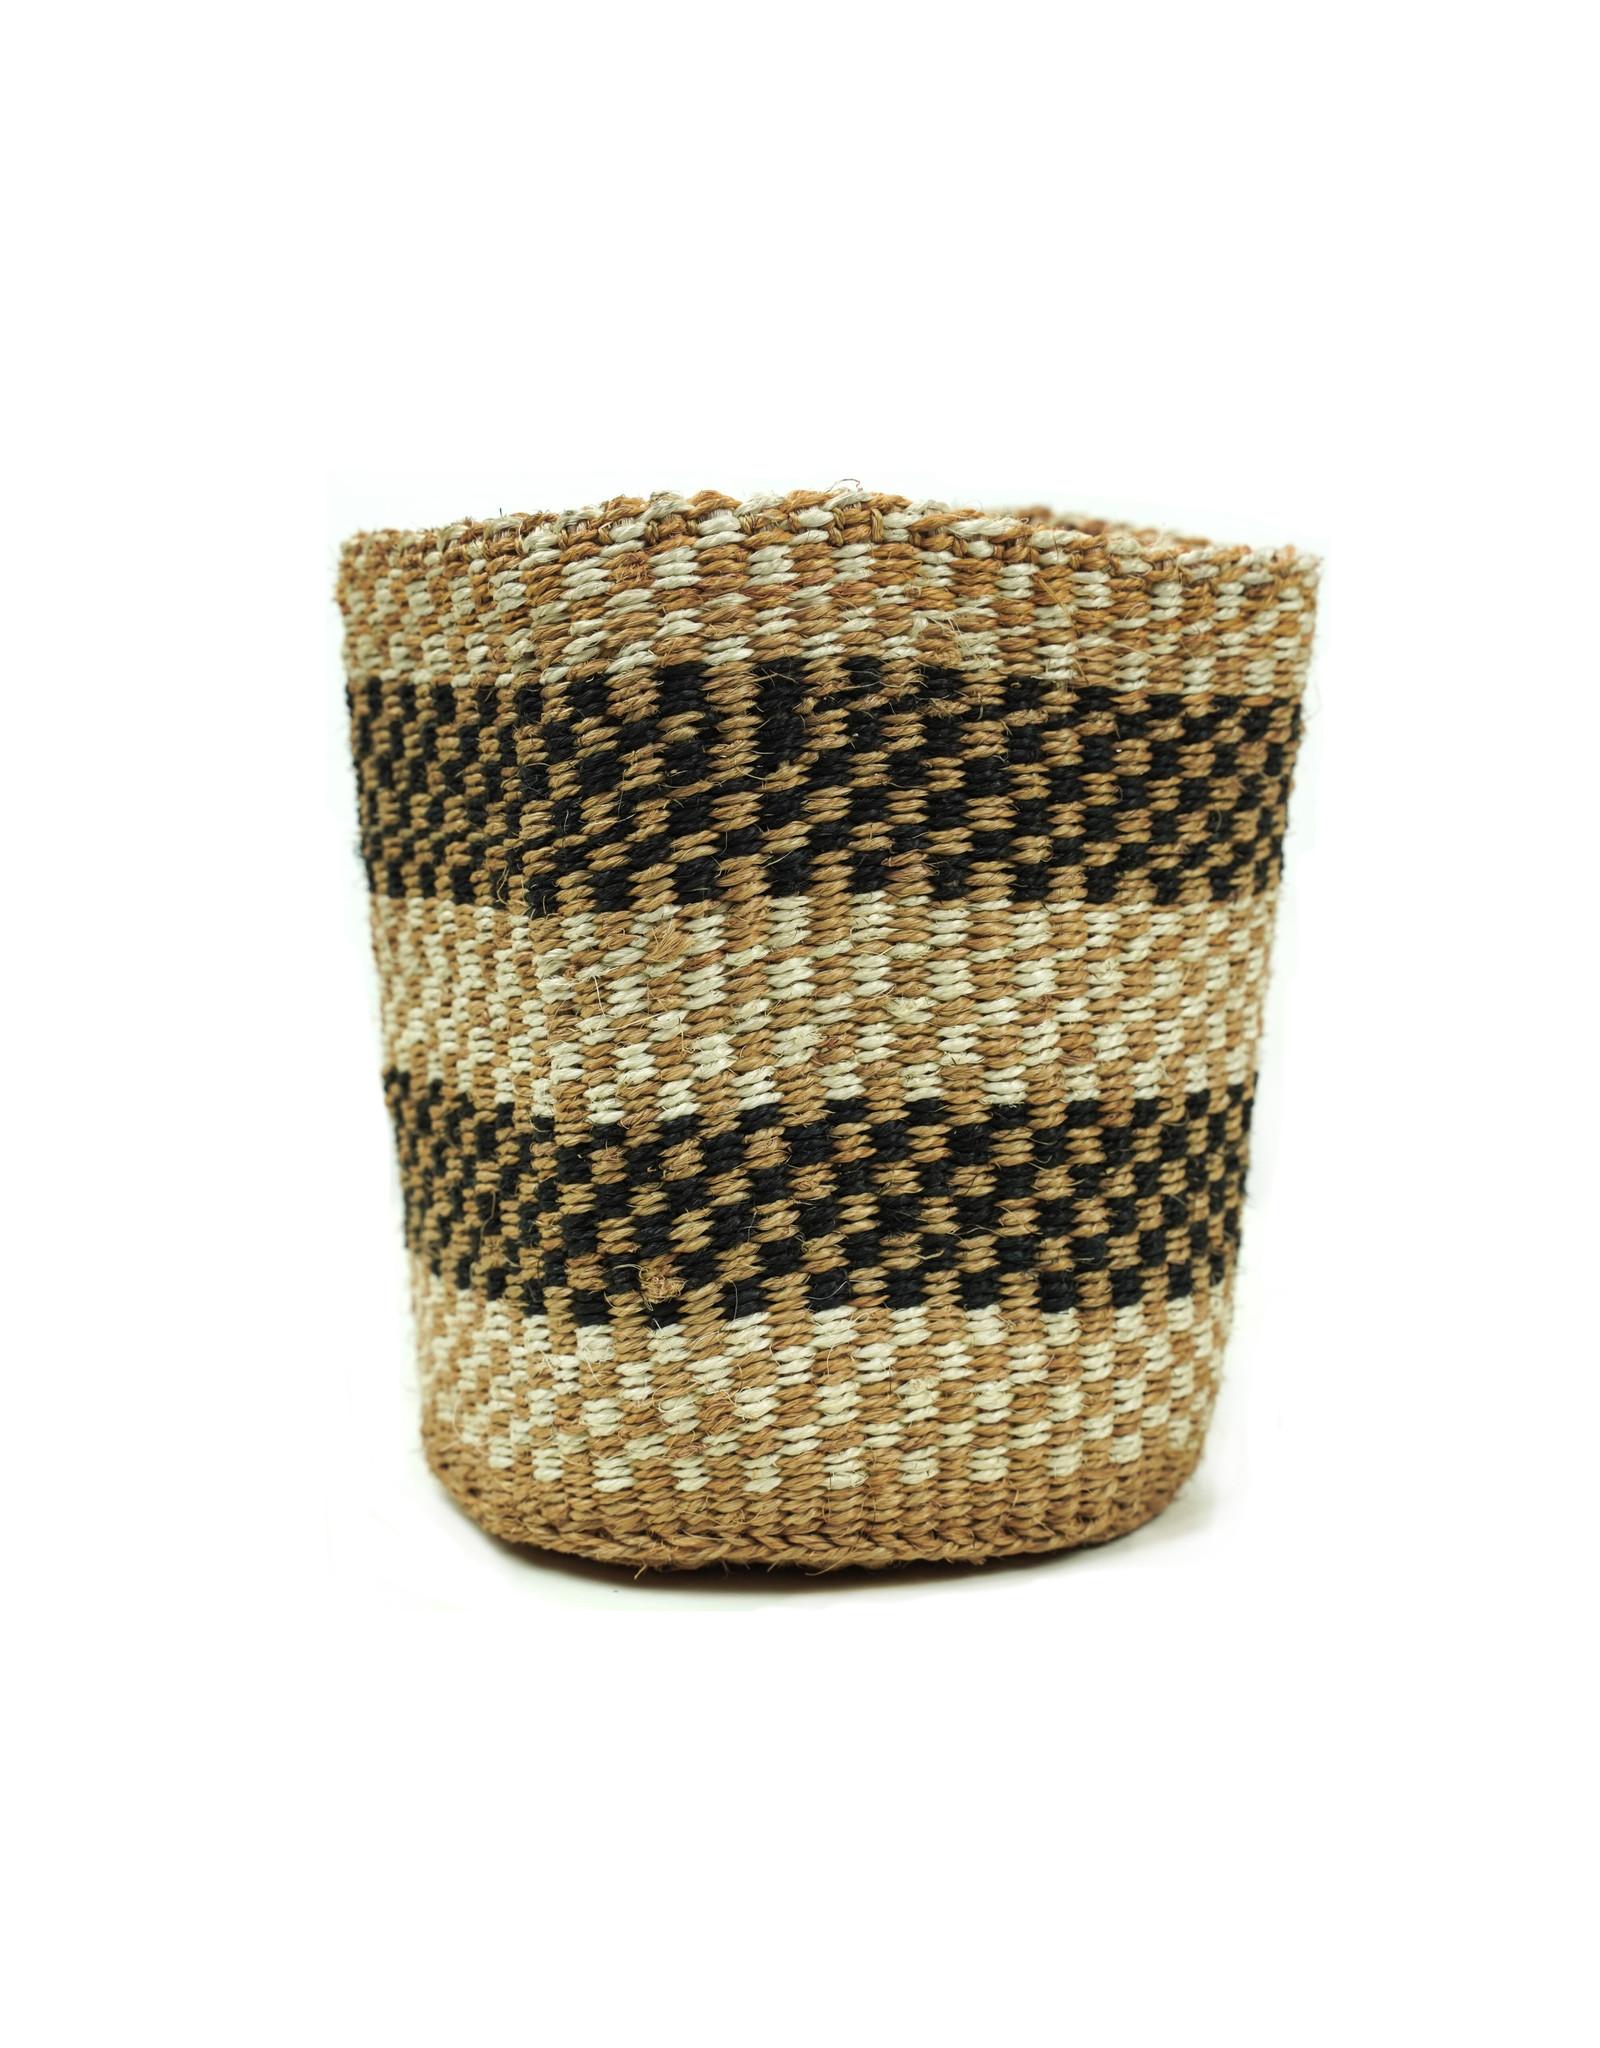 Maisha.Style Taita basket - black reed & ivory - S14